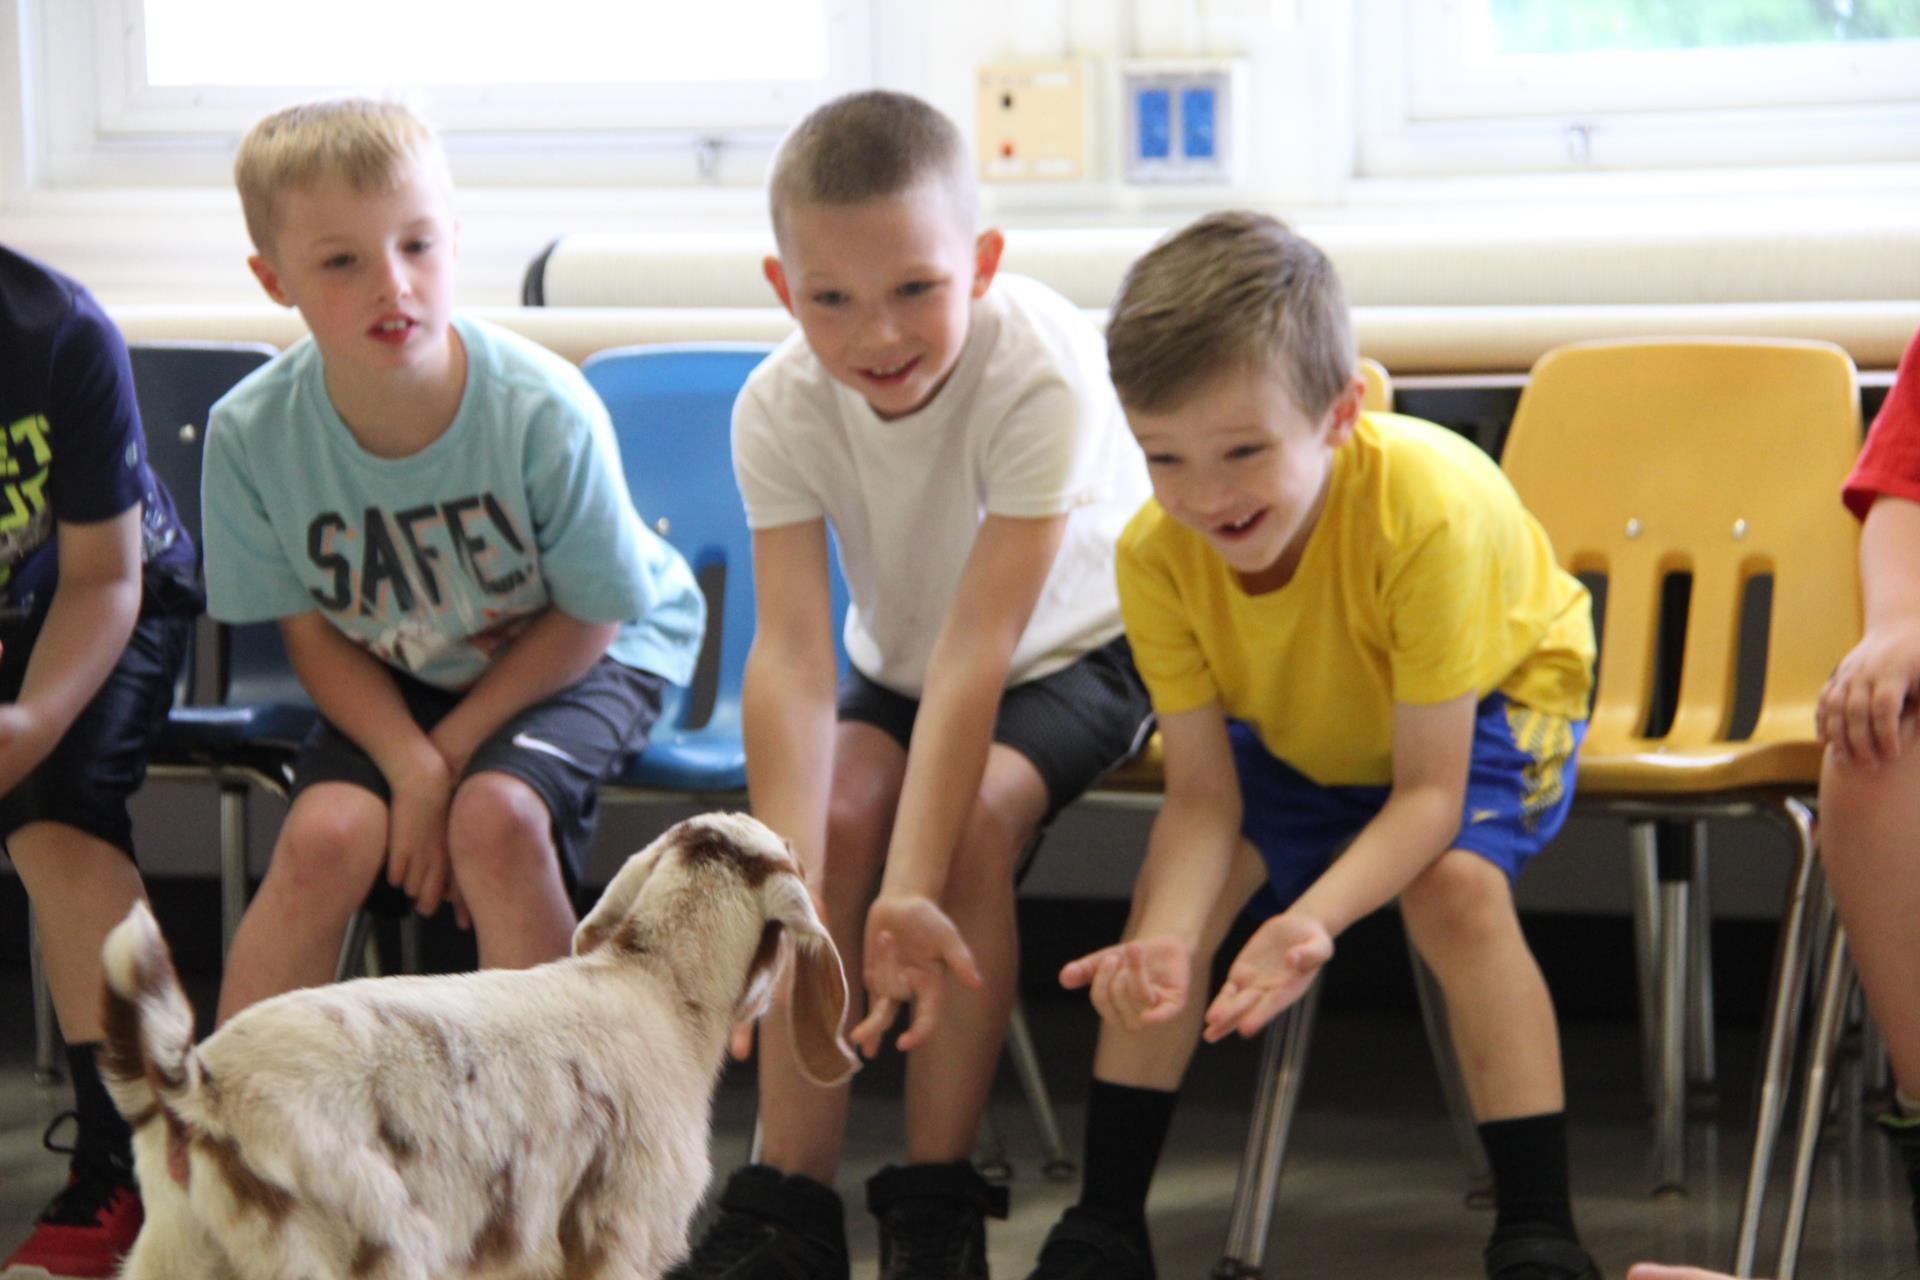 goat visitng students sitting